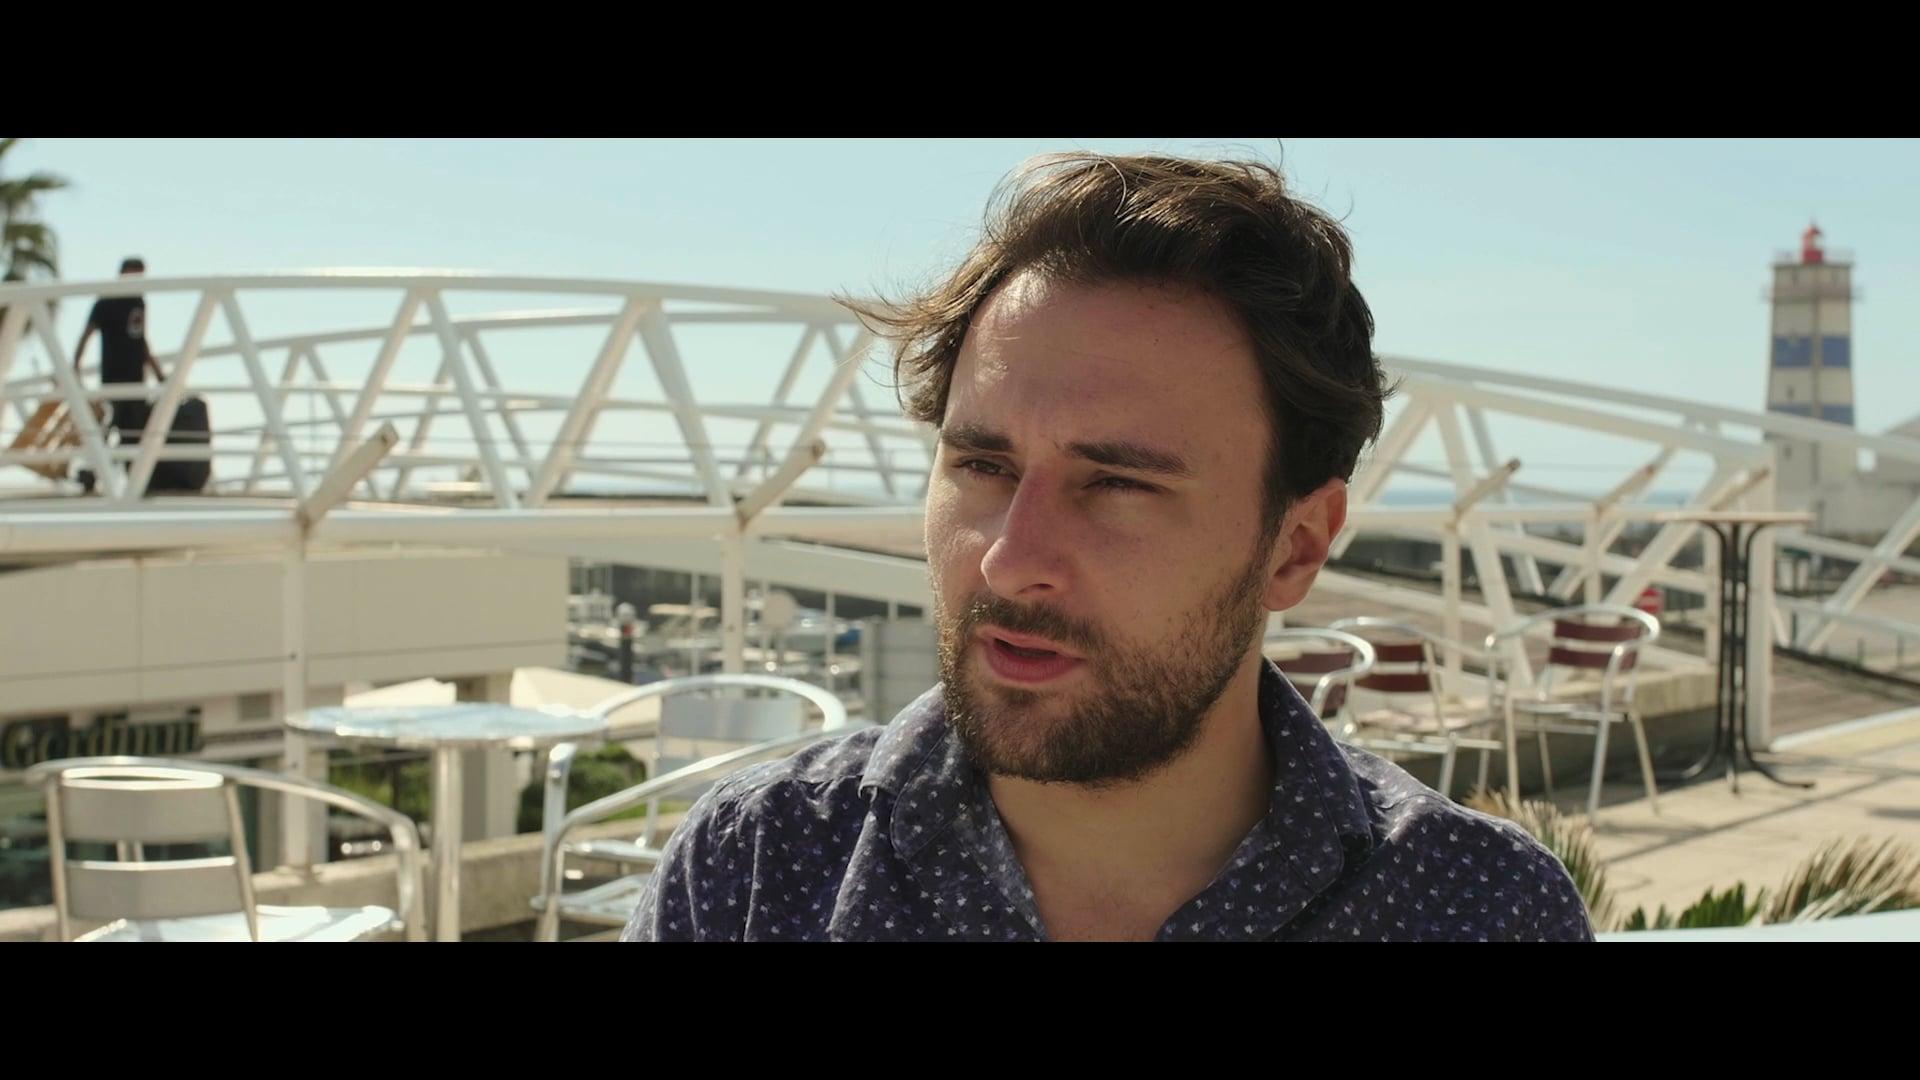 UNTITLED Trailer - Bande-Annonce SANS TITRE